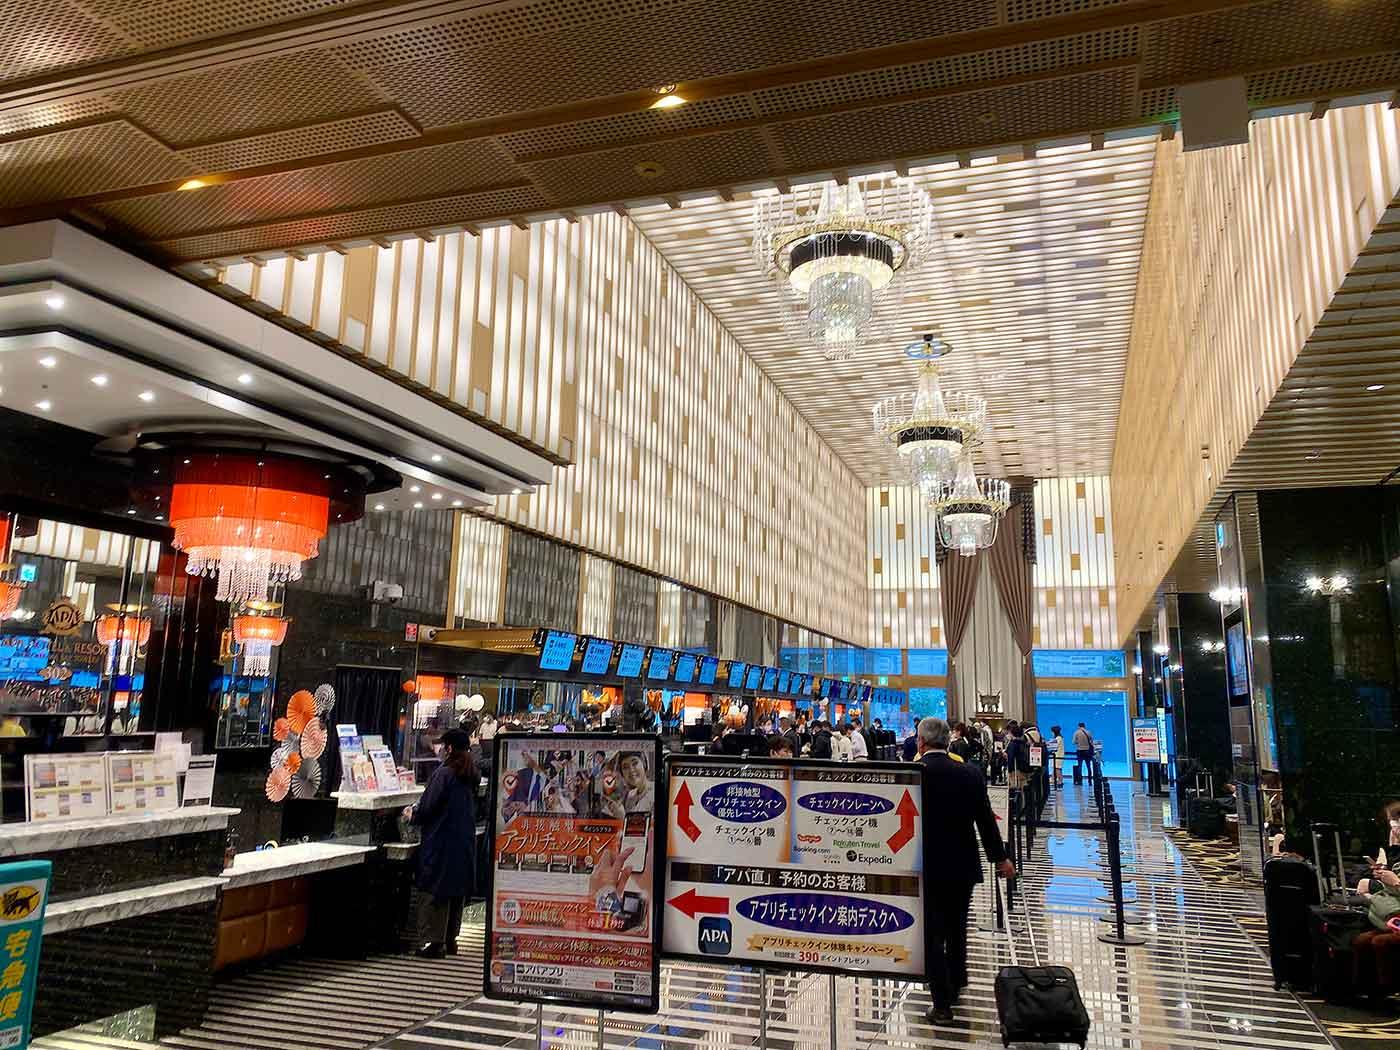 アパホテル&リゾート横浜ベイタワーの内装